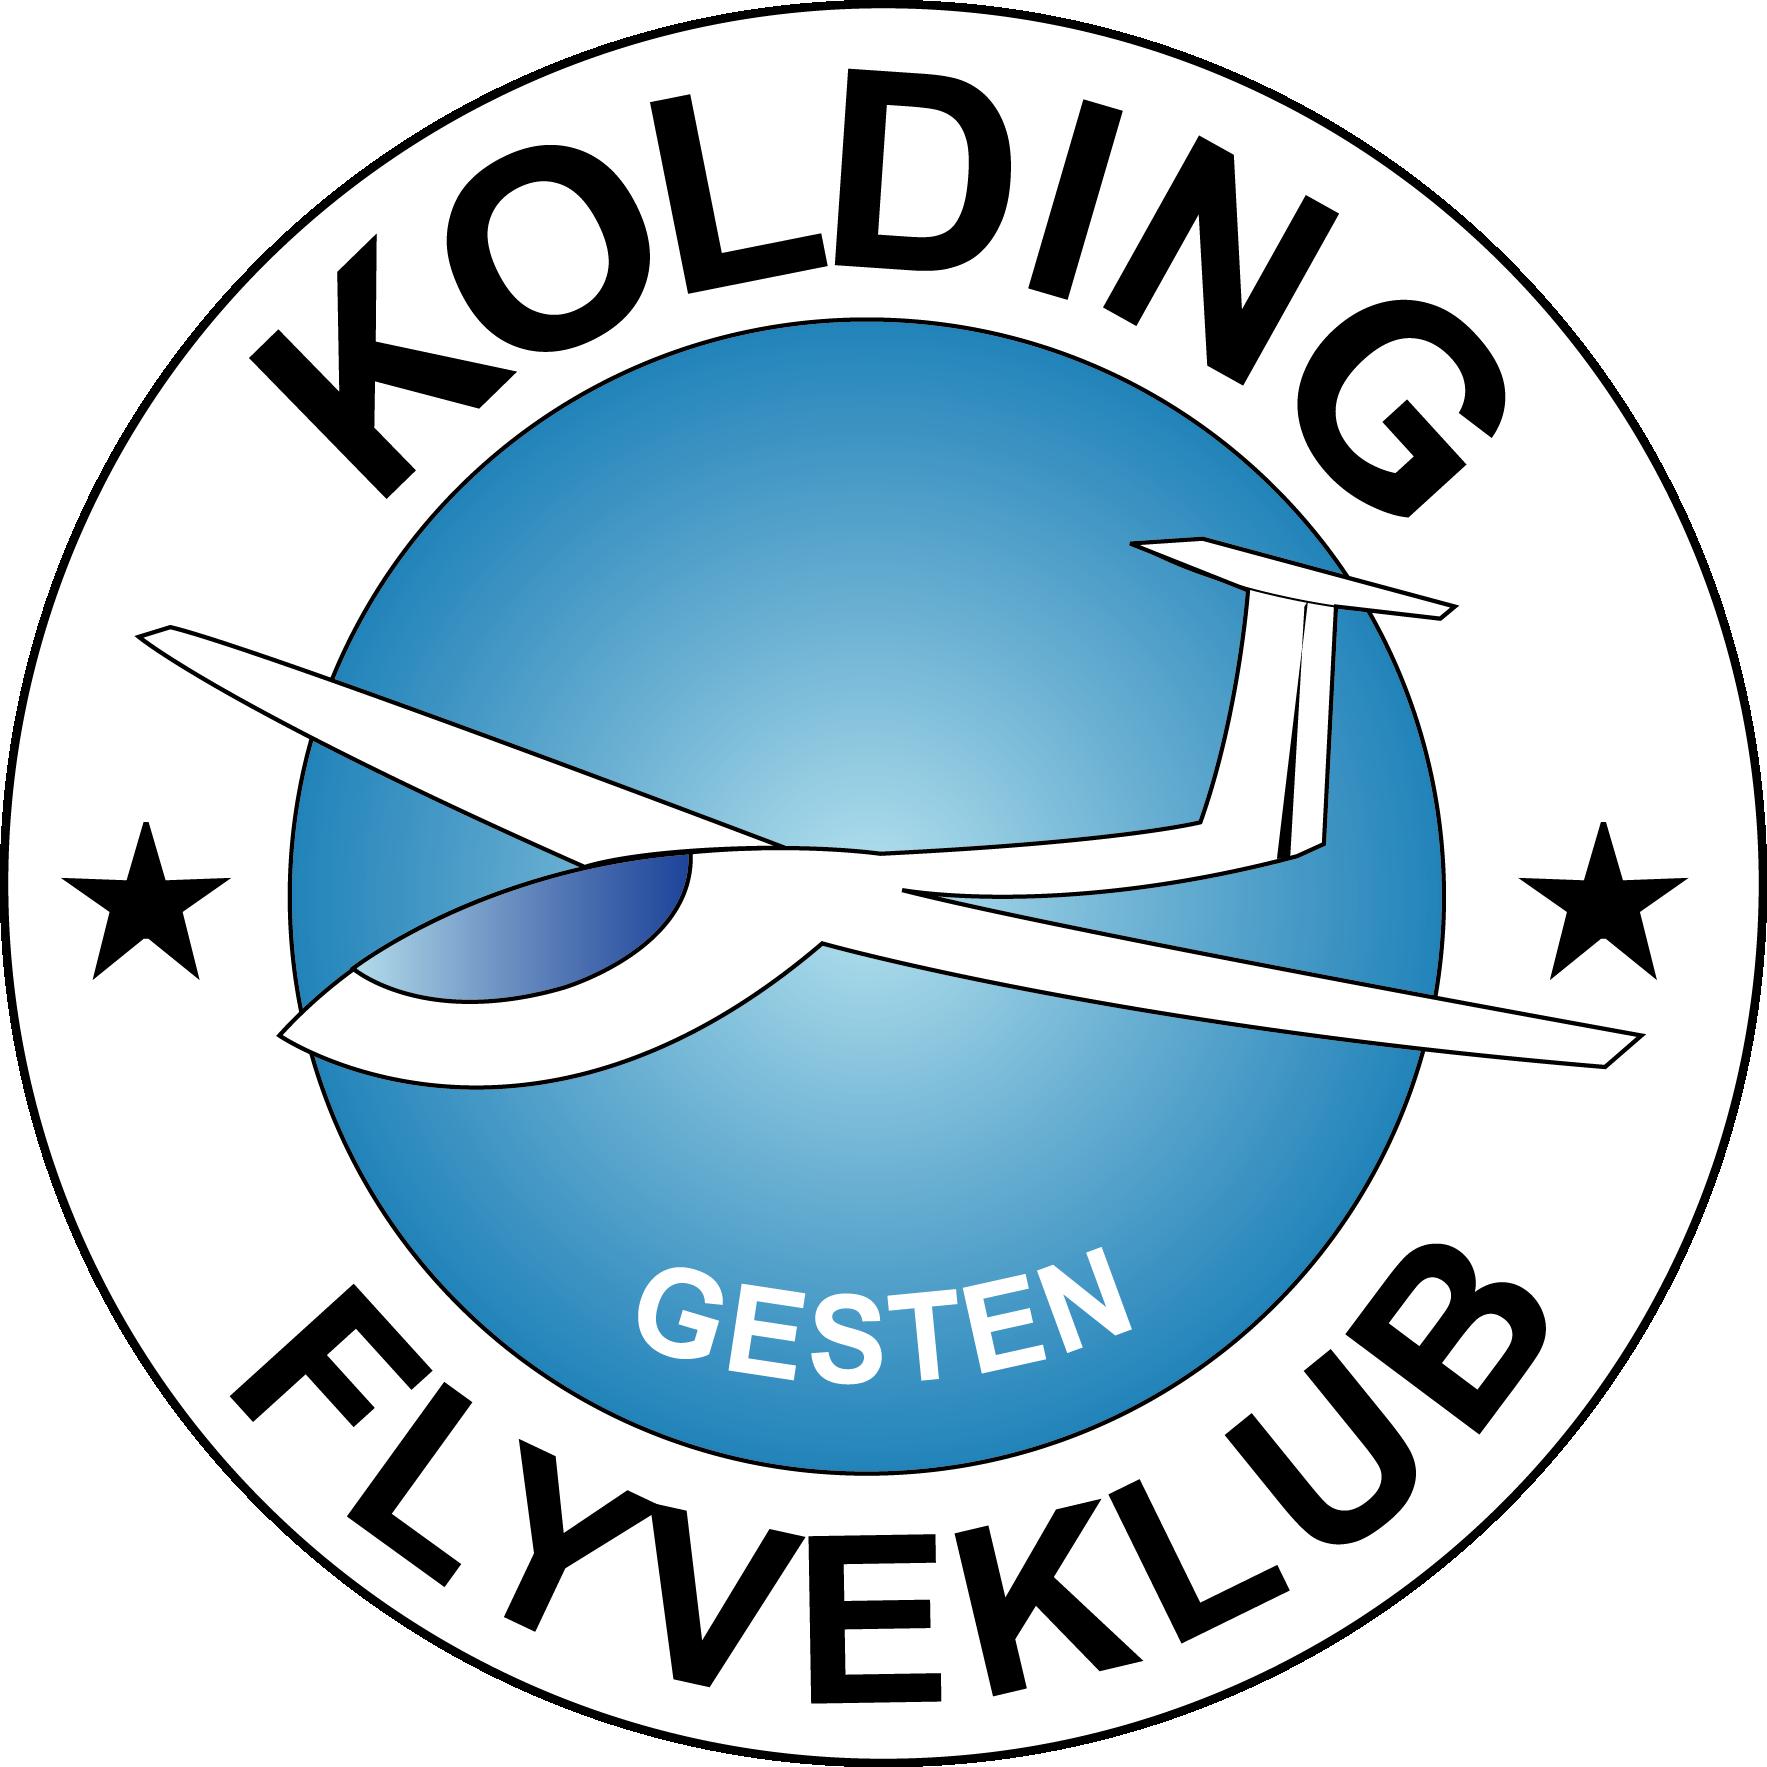 14 - Kolding Flyveklub logo